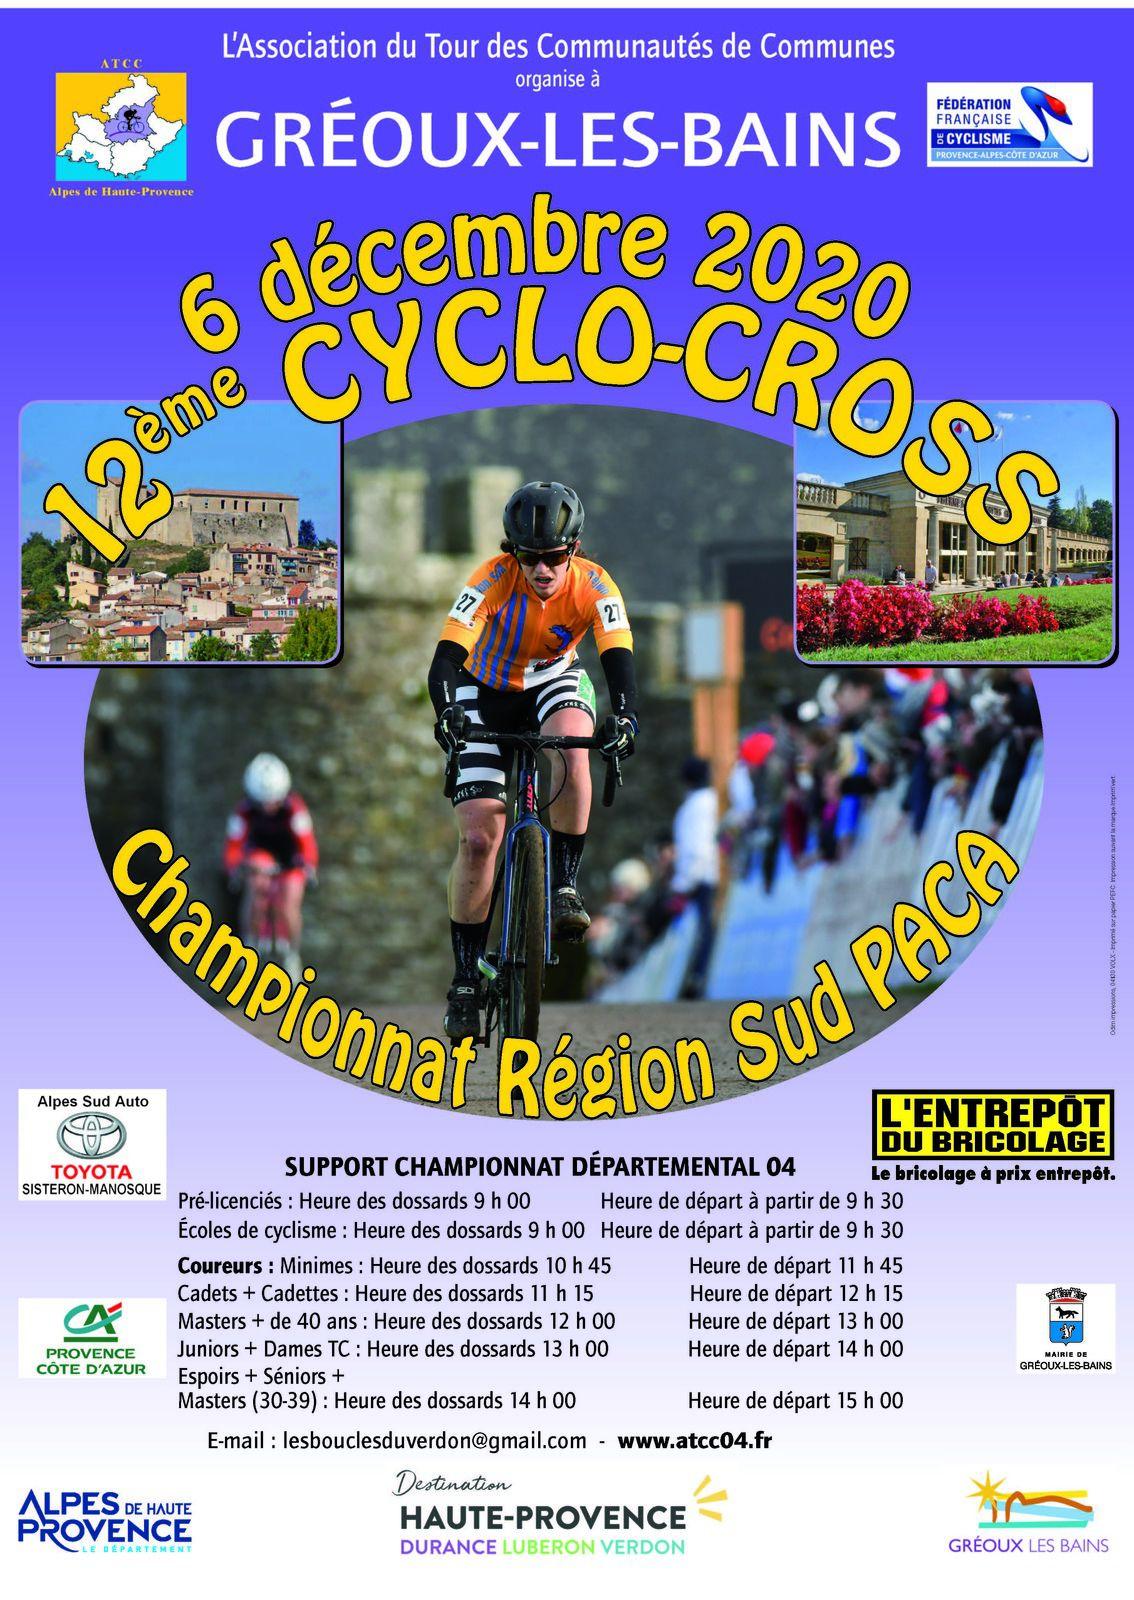 Cyclos-cross de Gréoux les Bains le 6 décembre 2020